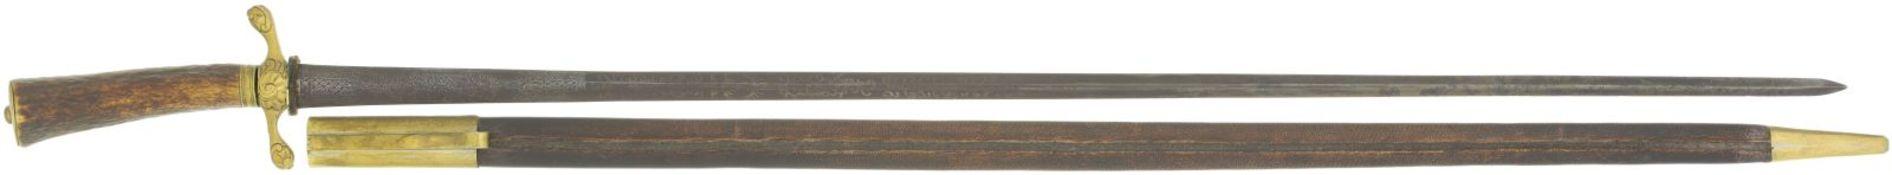 Hirschfänger, 17. Jahrhunder@ KL 655mm, TL 770mm, geschwärzte Klinge, linsenfärmig in rhombisch